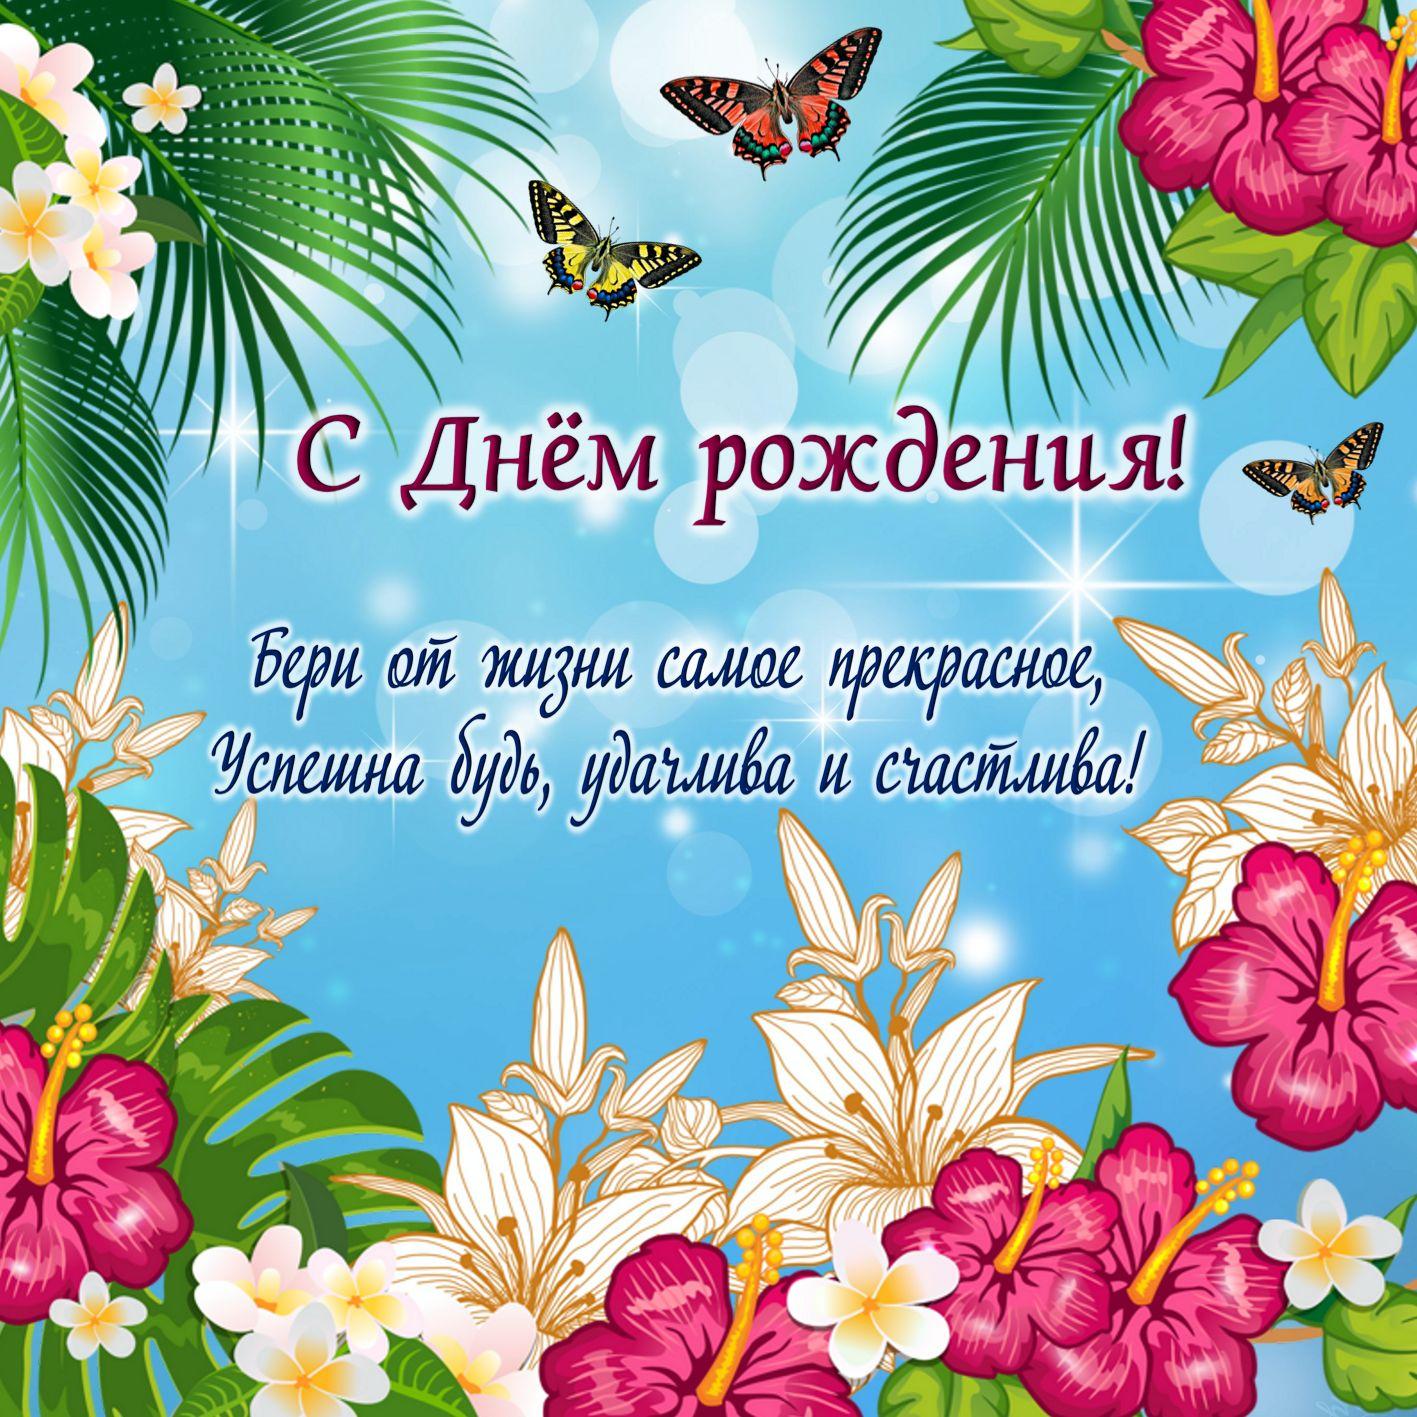 Цветов красивые, открытка с днем рождения яркой жизни